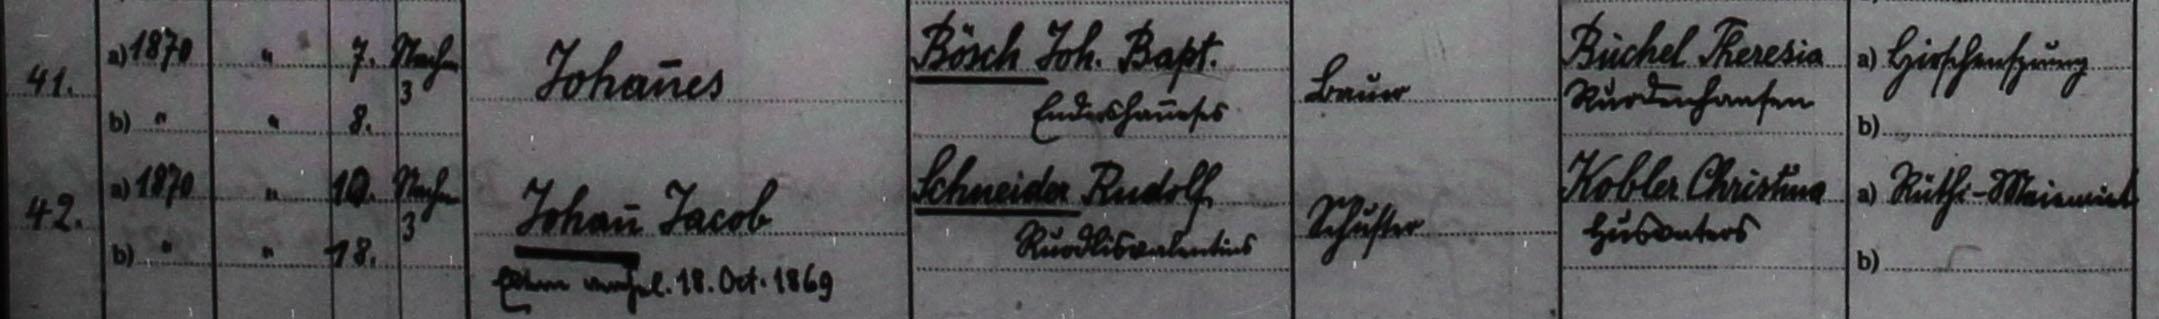 Johann Schneider aus Rüthi